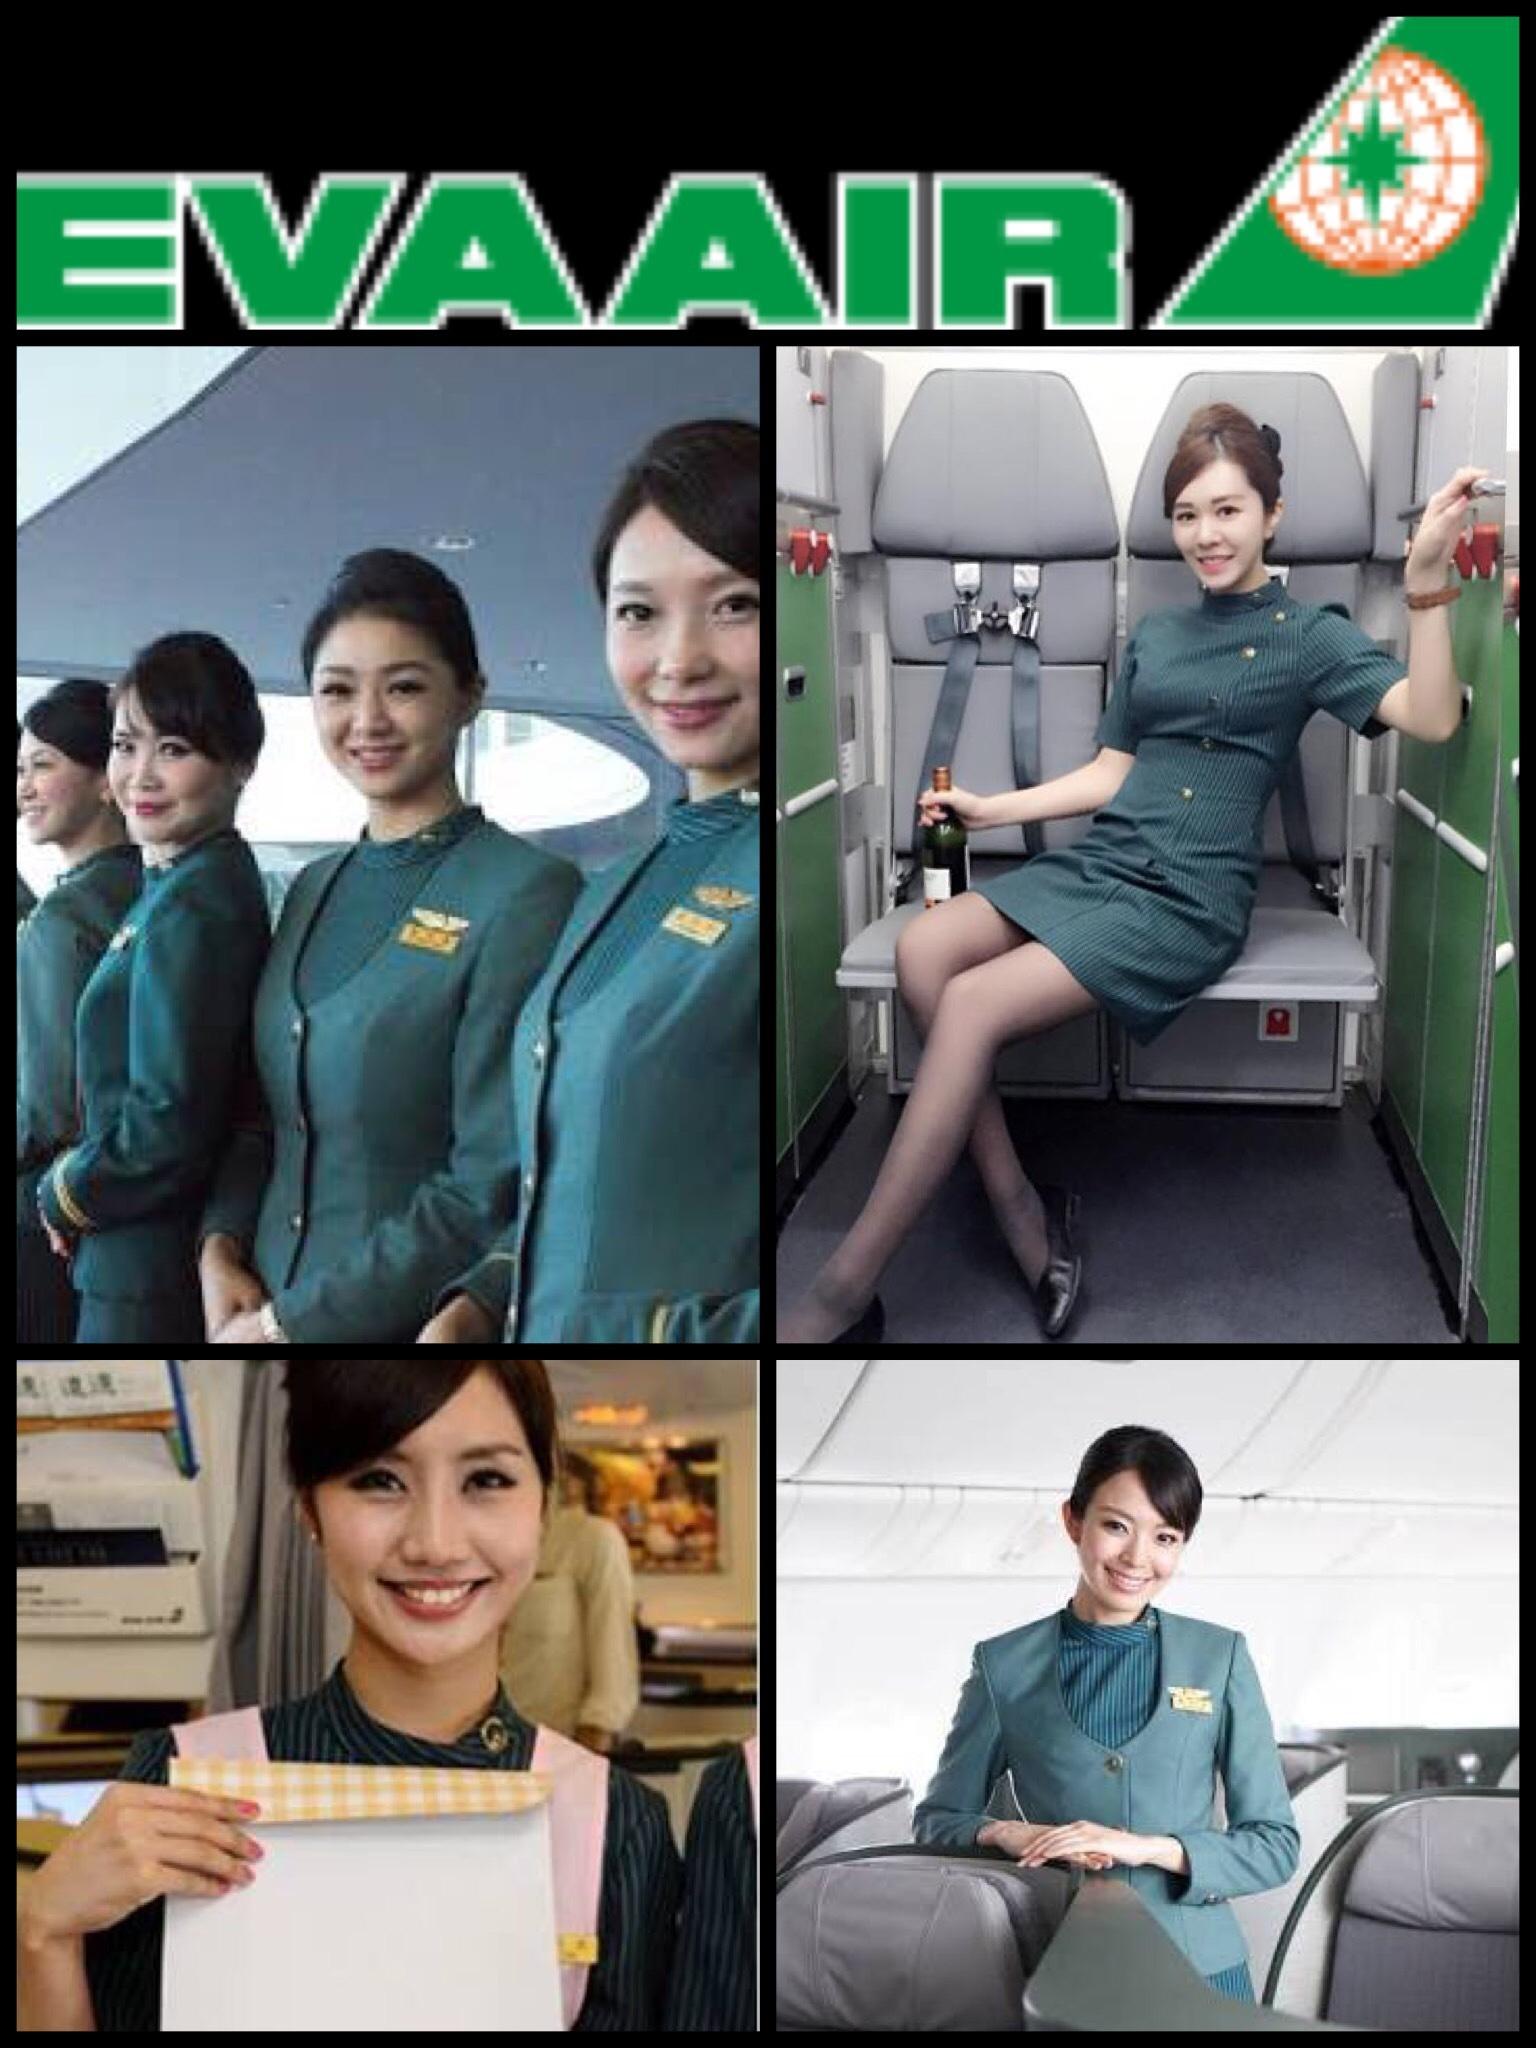 台湾エバー航空 スチュワーデス